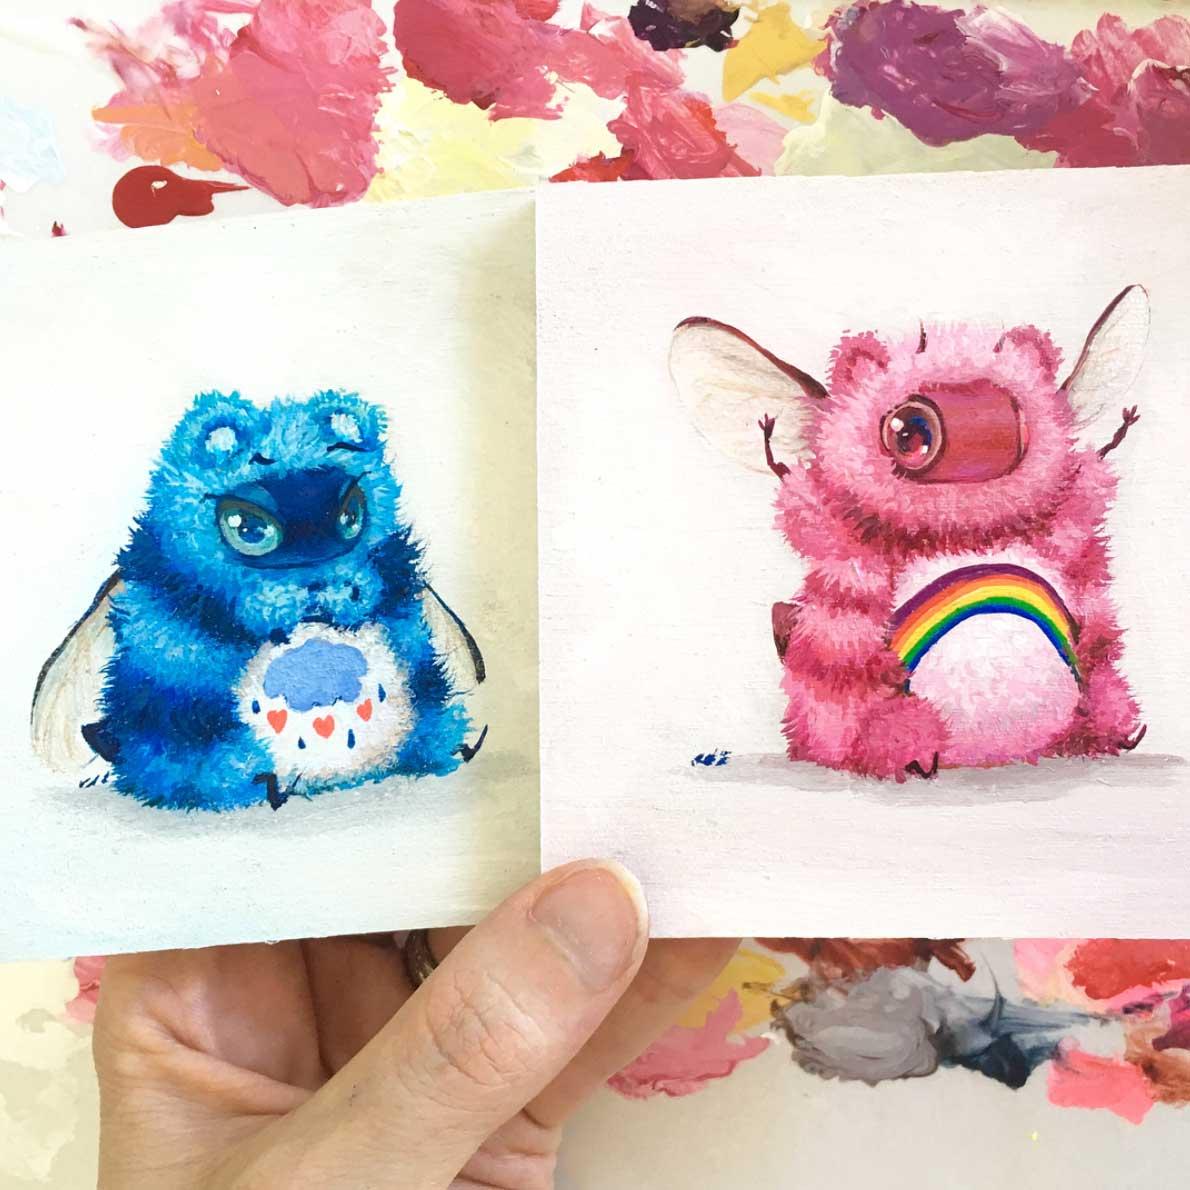 Als Bienen gemalte Popkulturfiguren popkulturbienen-von-Camilla-dErrico_04